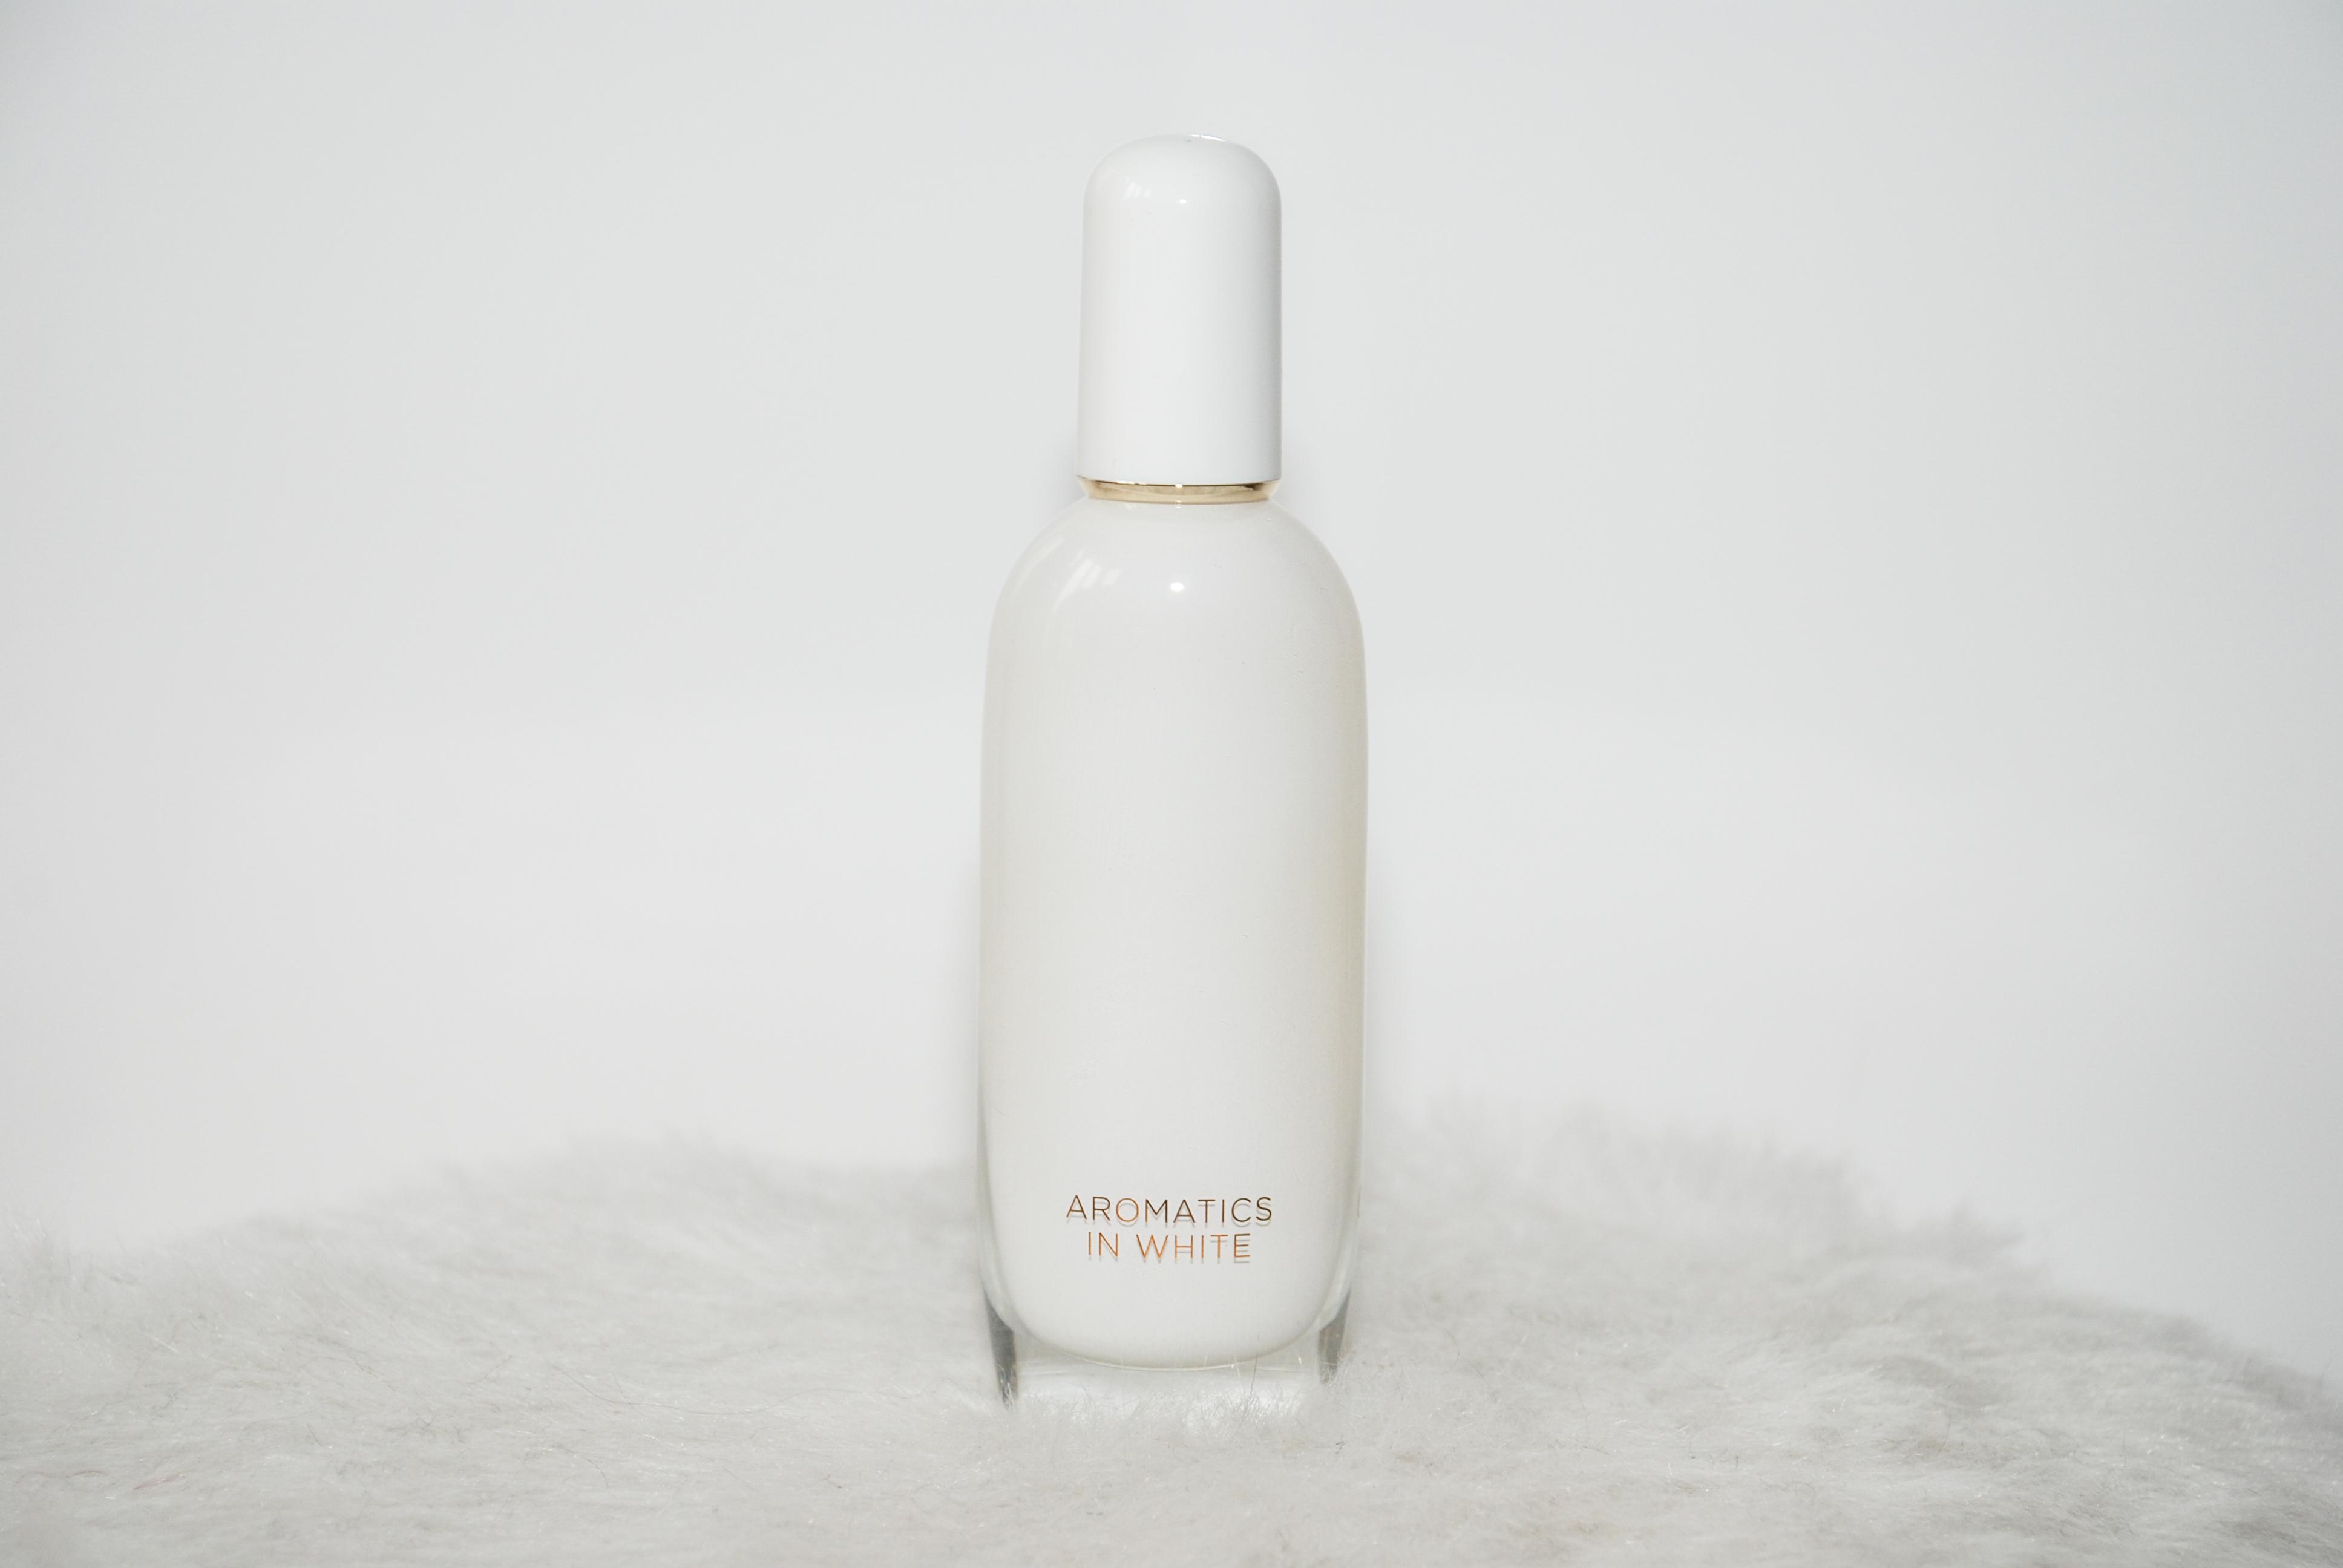 Aromatics in White de Clinique